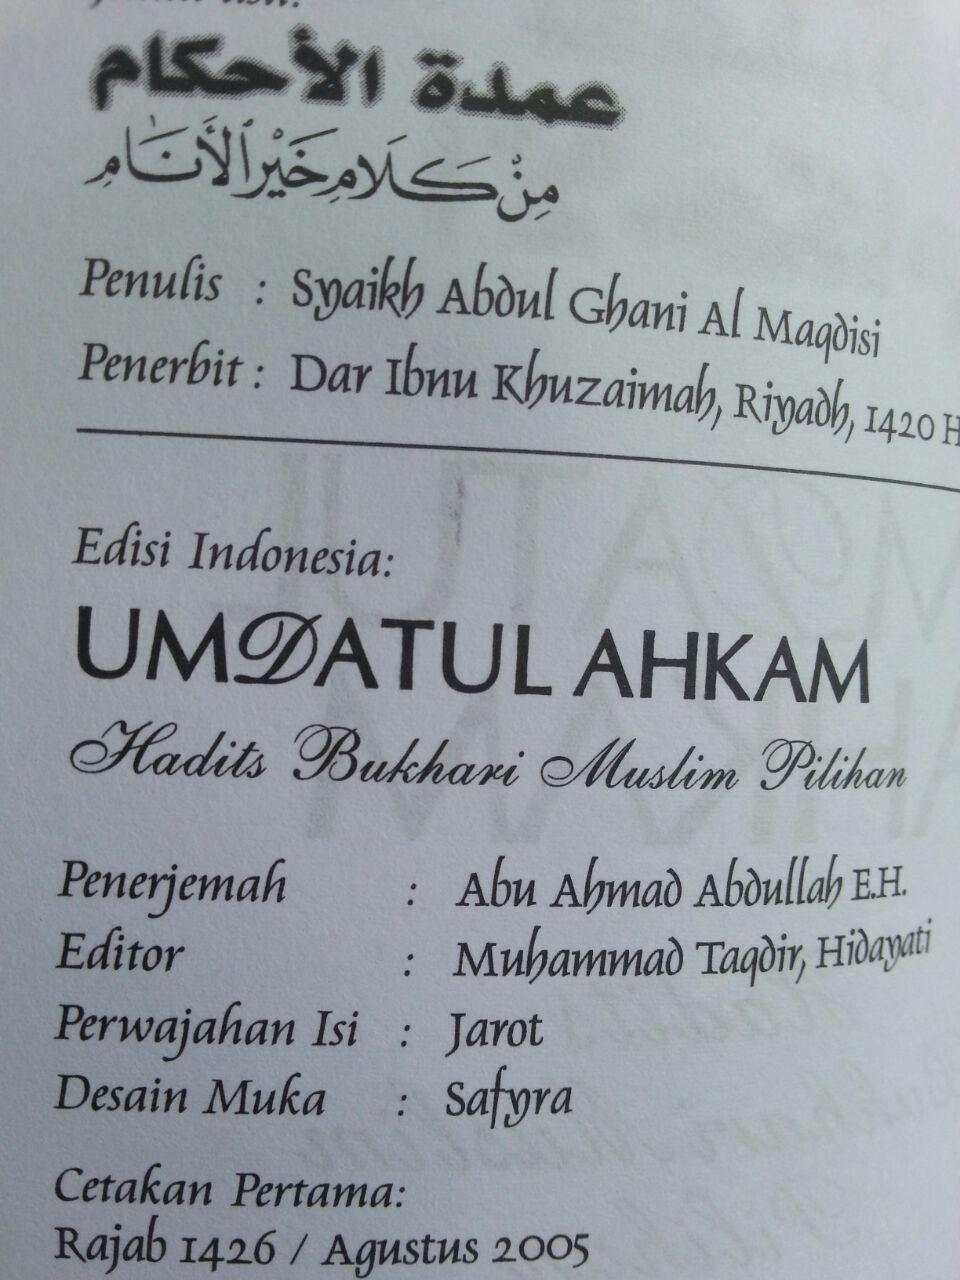 Buku Terjemah Umdatul Ahkam Ukuran A5 isi 3